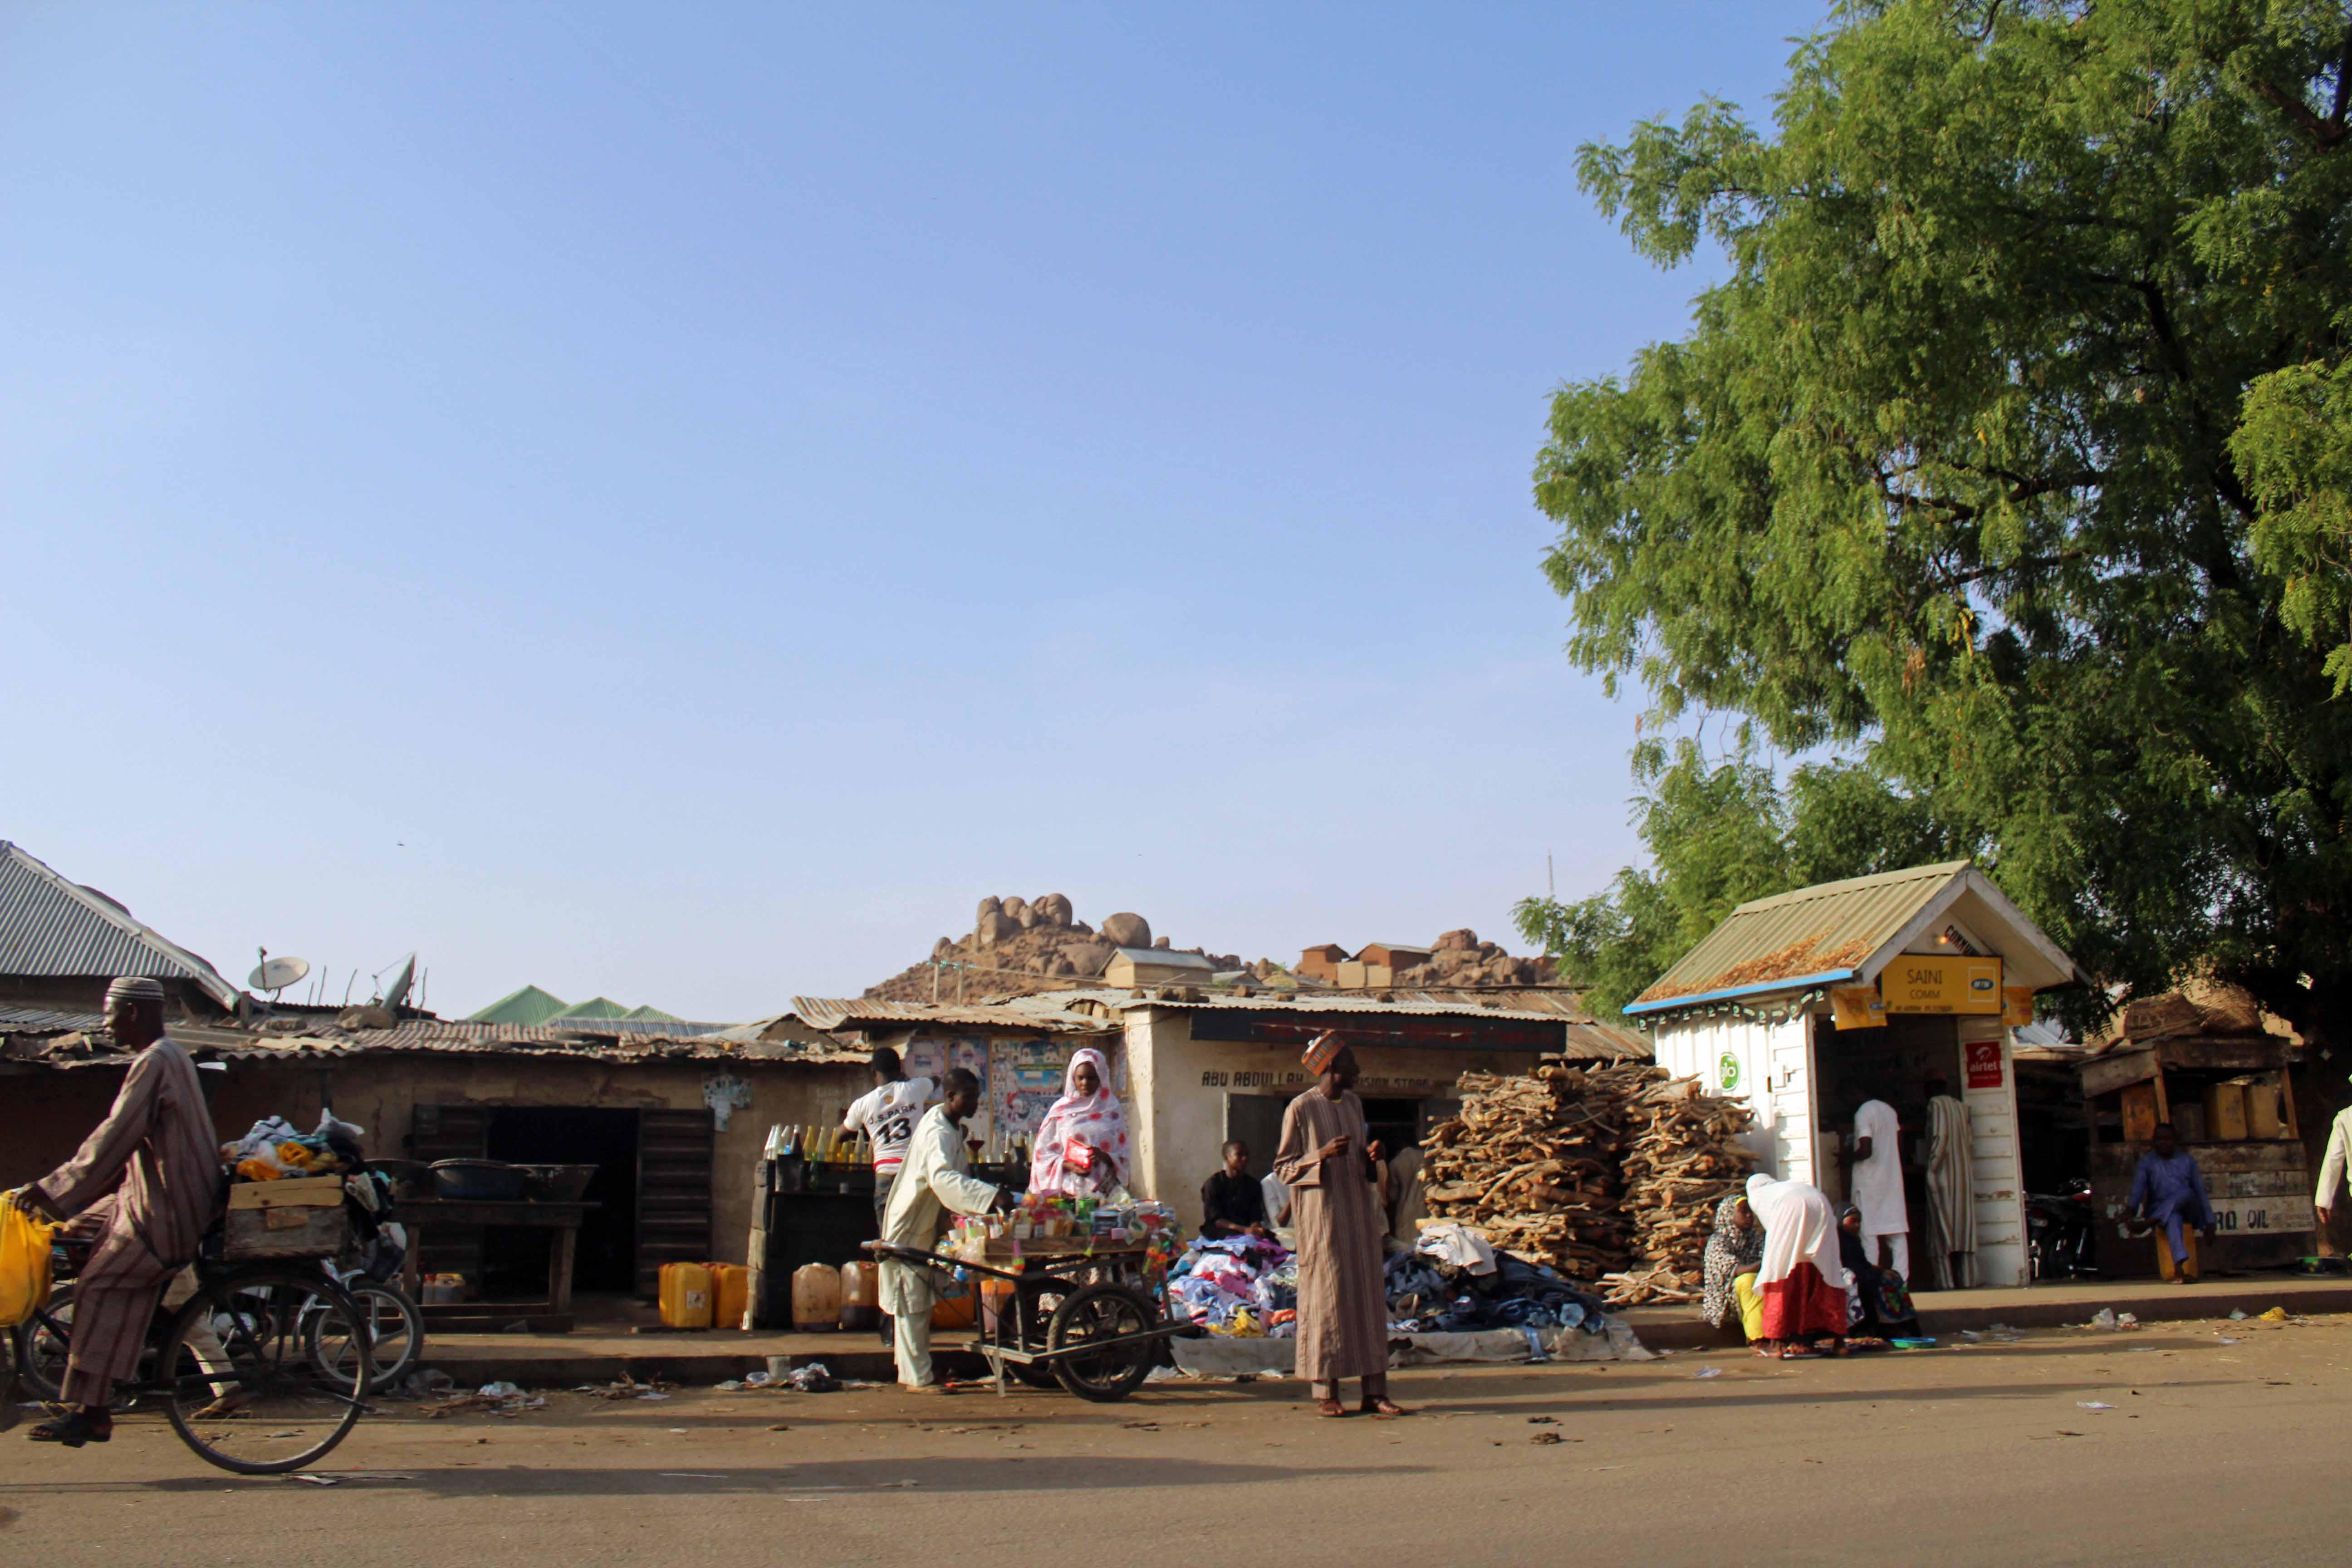 Bauchi Nigeria